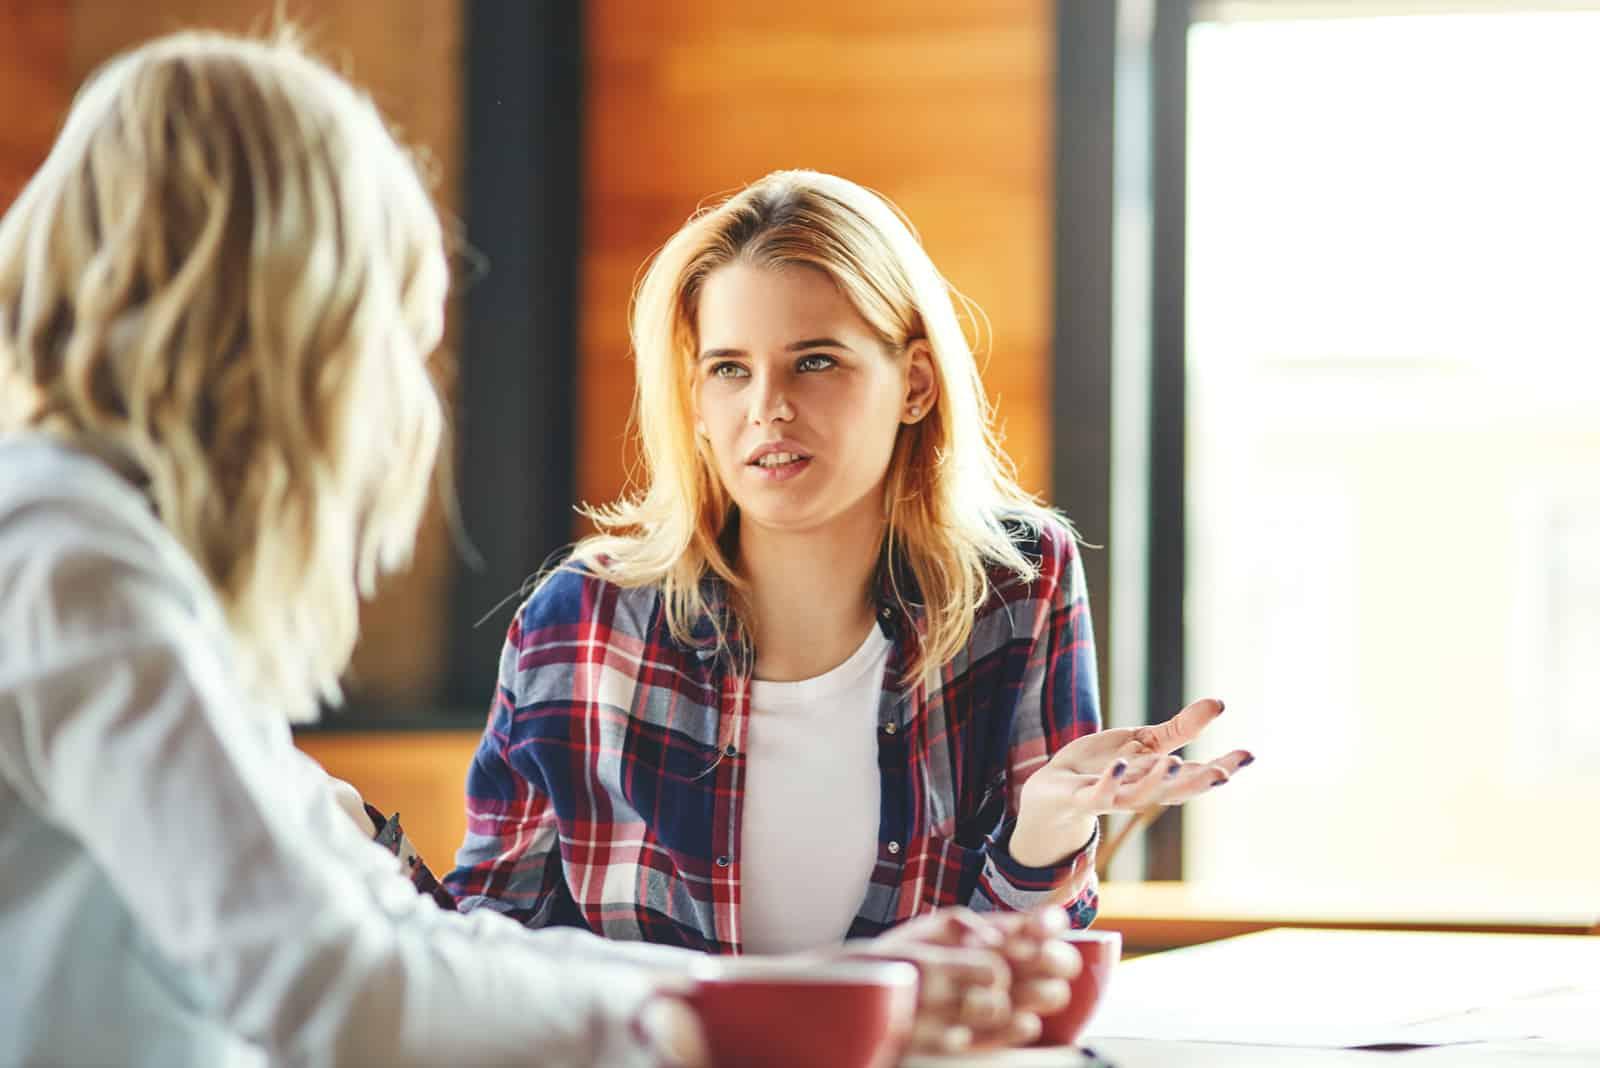 femme parlant à une autre femme assise dans un café